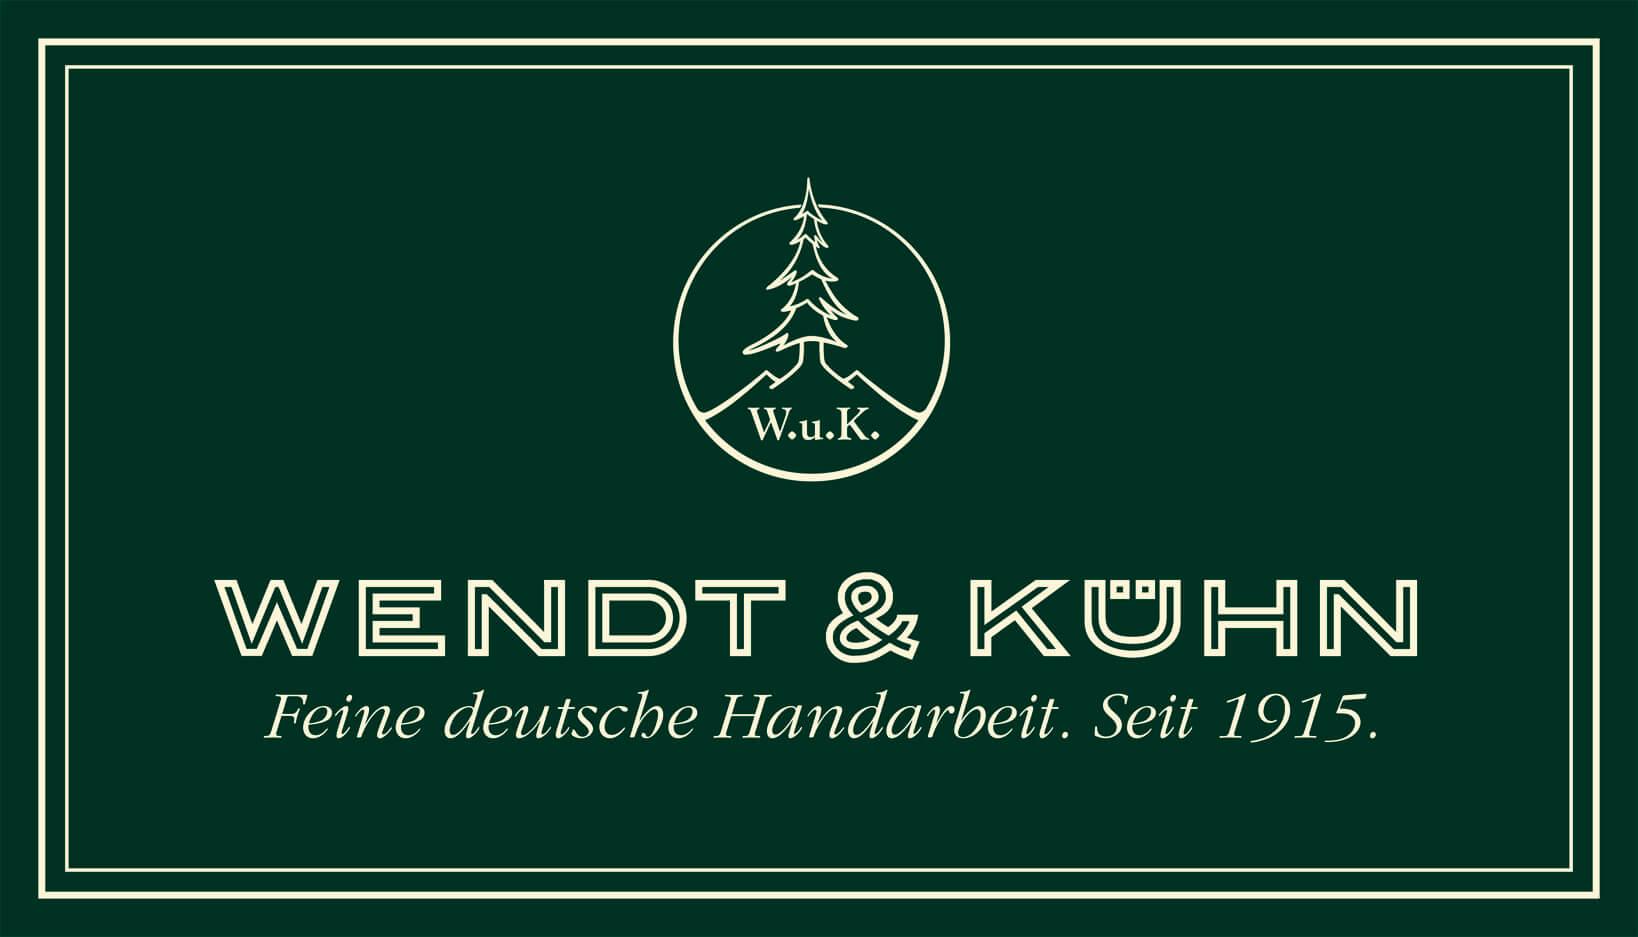 Wendt&Kuehn